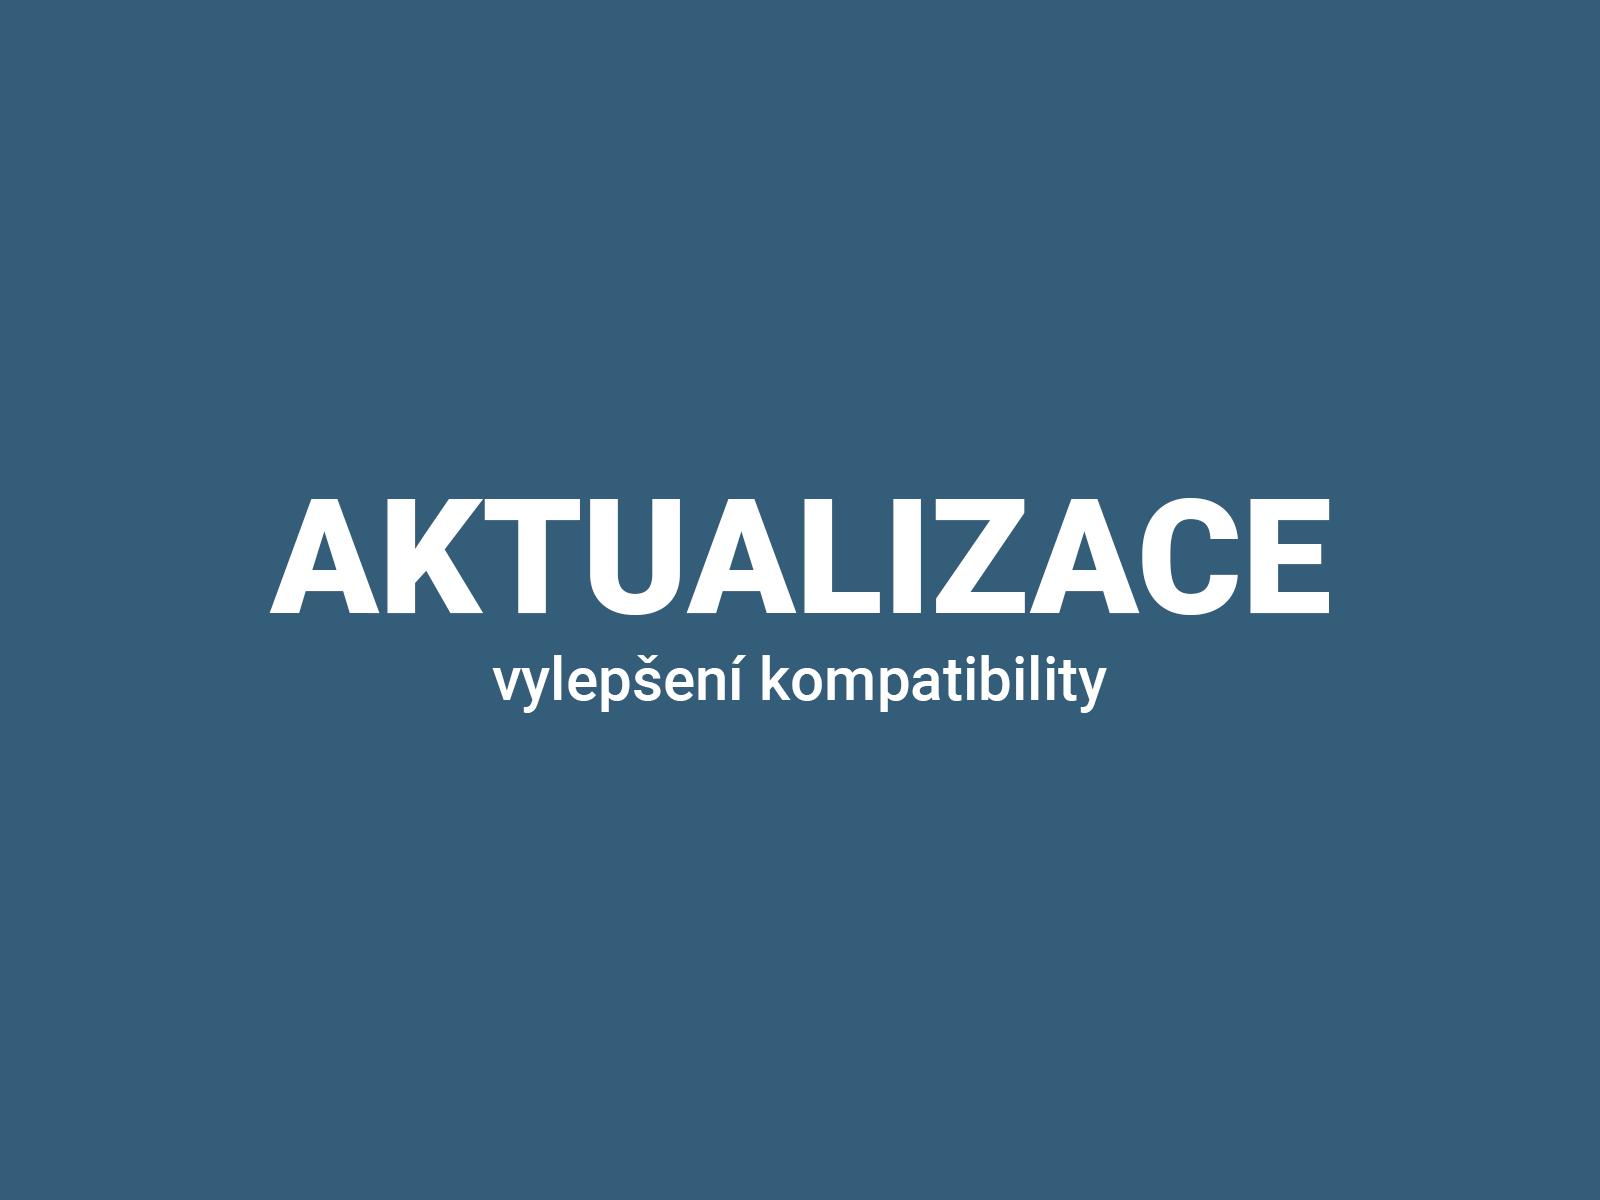 aktualizace vylepseni kompatibility